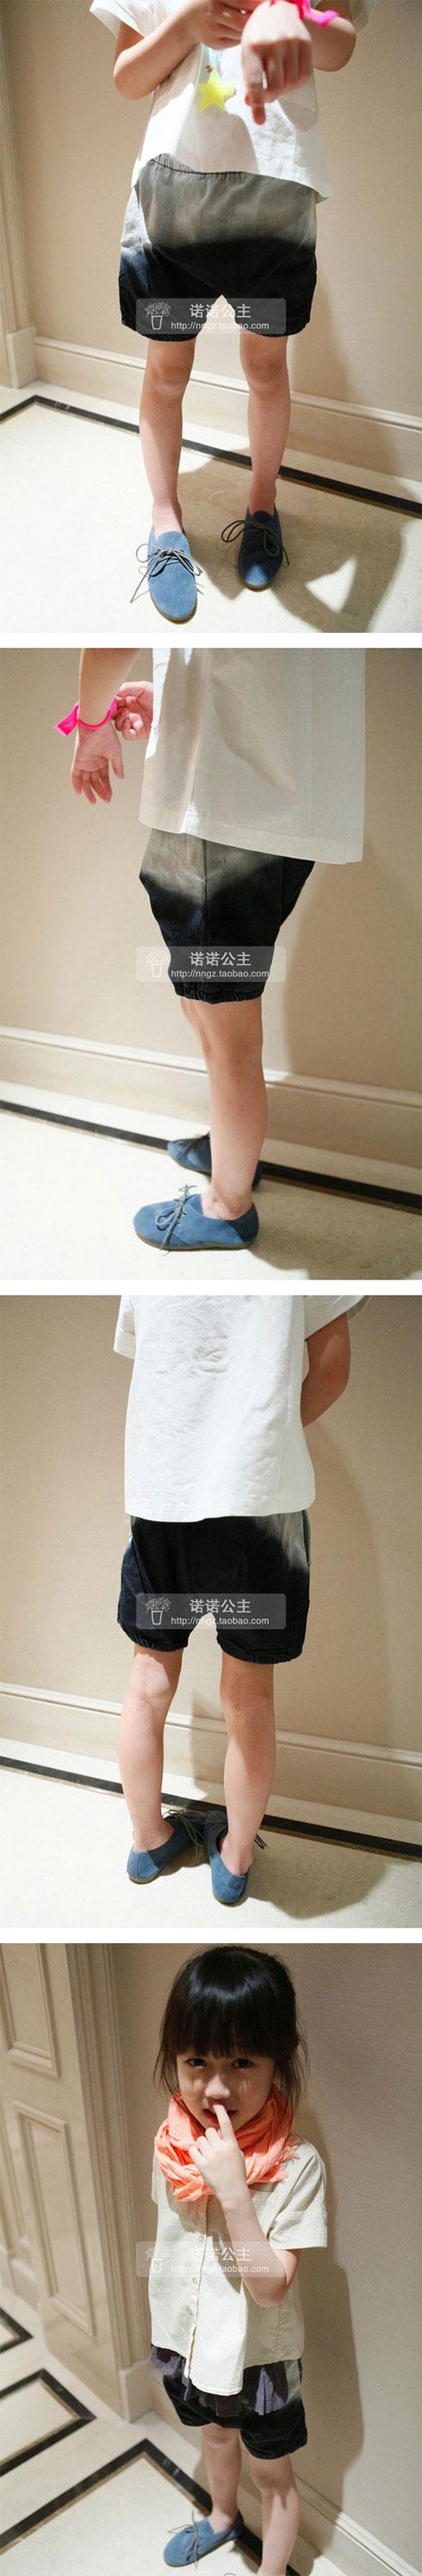 กางเกงเด็ก กางเกงเดนิมเด็ก กางเกงยีนส์ฟอกเด็ก กางเกงเด็กแฟชั่น กางเกงเด็กเกาหลี กางเกงเด็กขาสั้น กางเกงเด็กสุดชิค กางเกงเด็กทรงบอลลูน